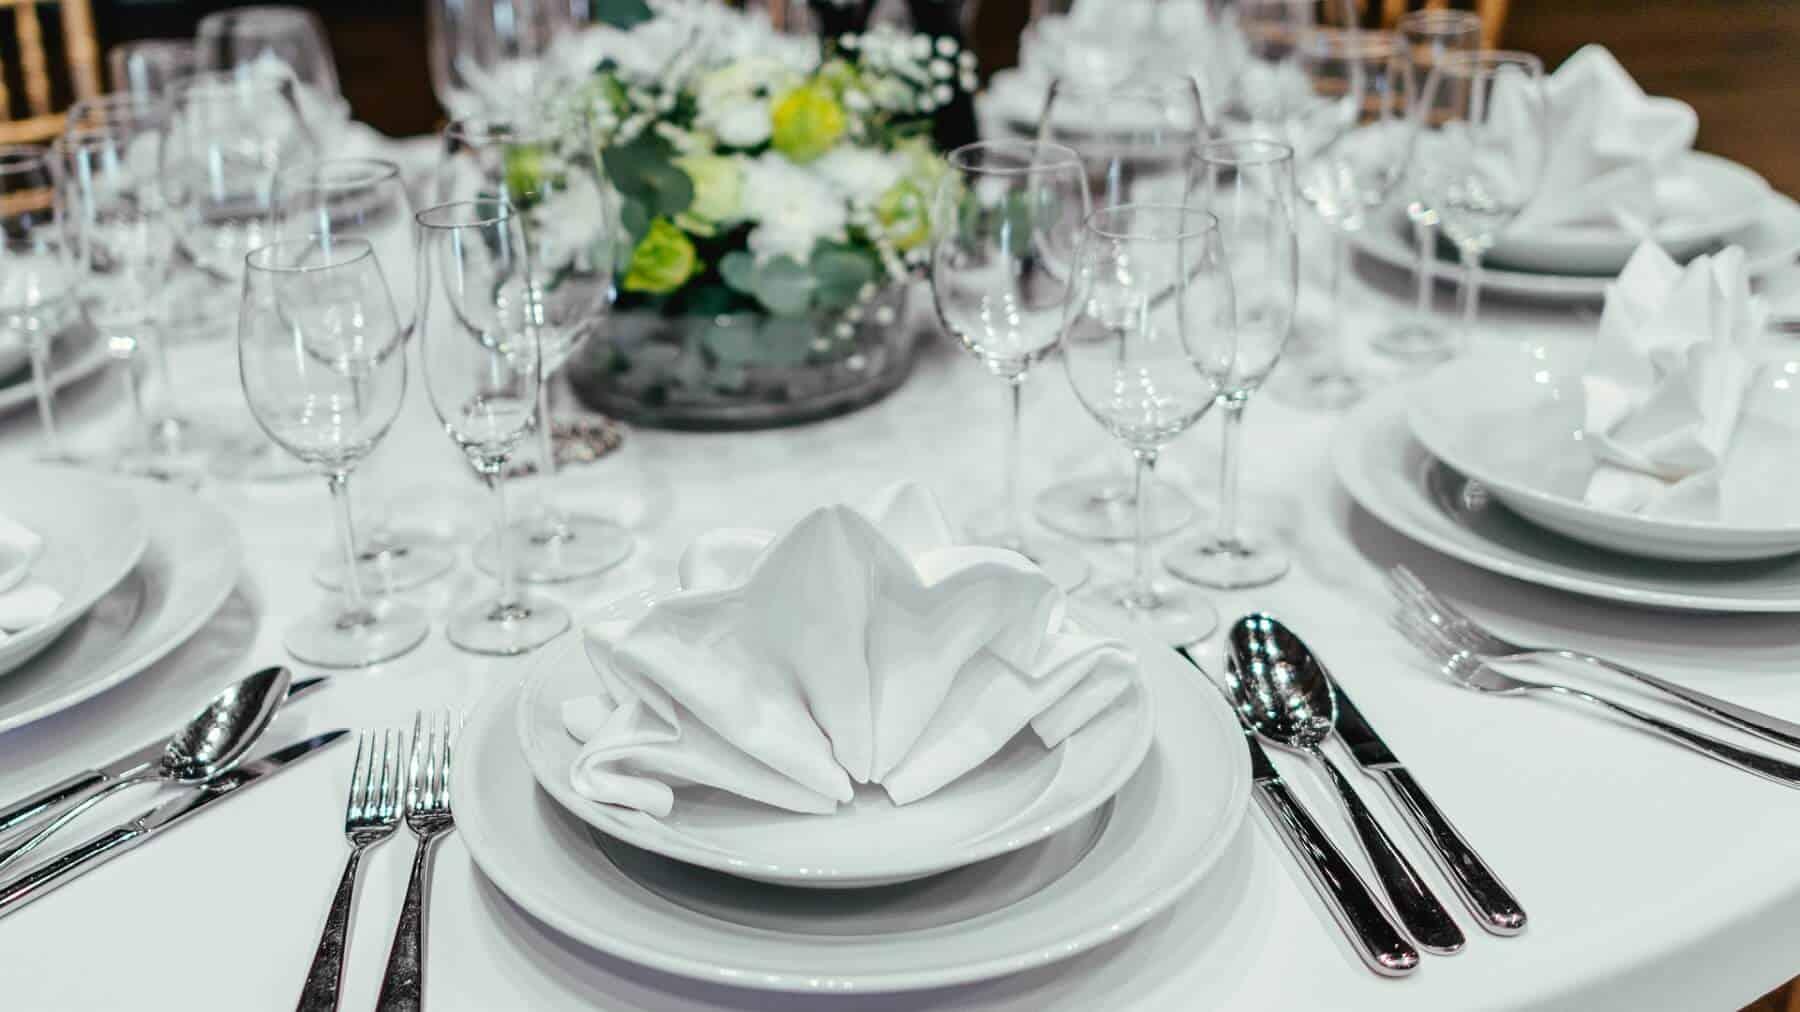 Čapí hnízdo - svatební hostina